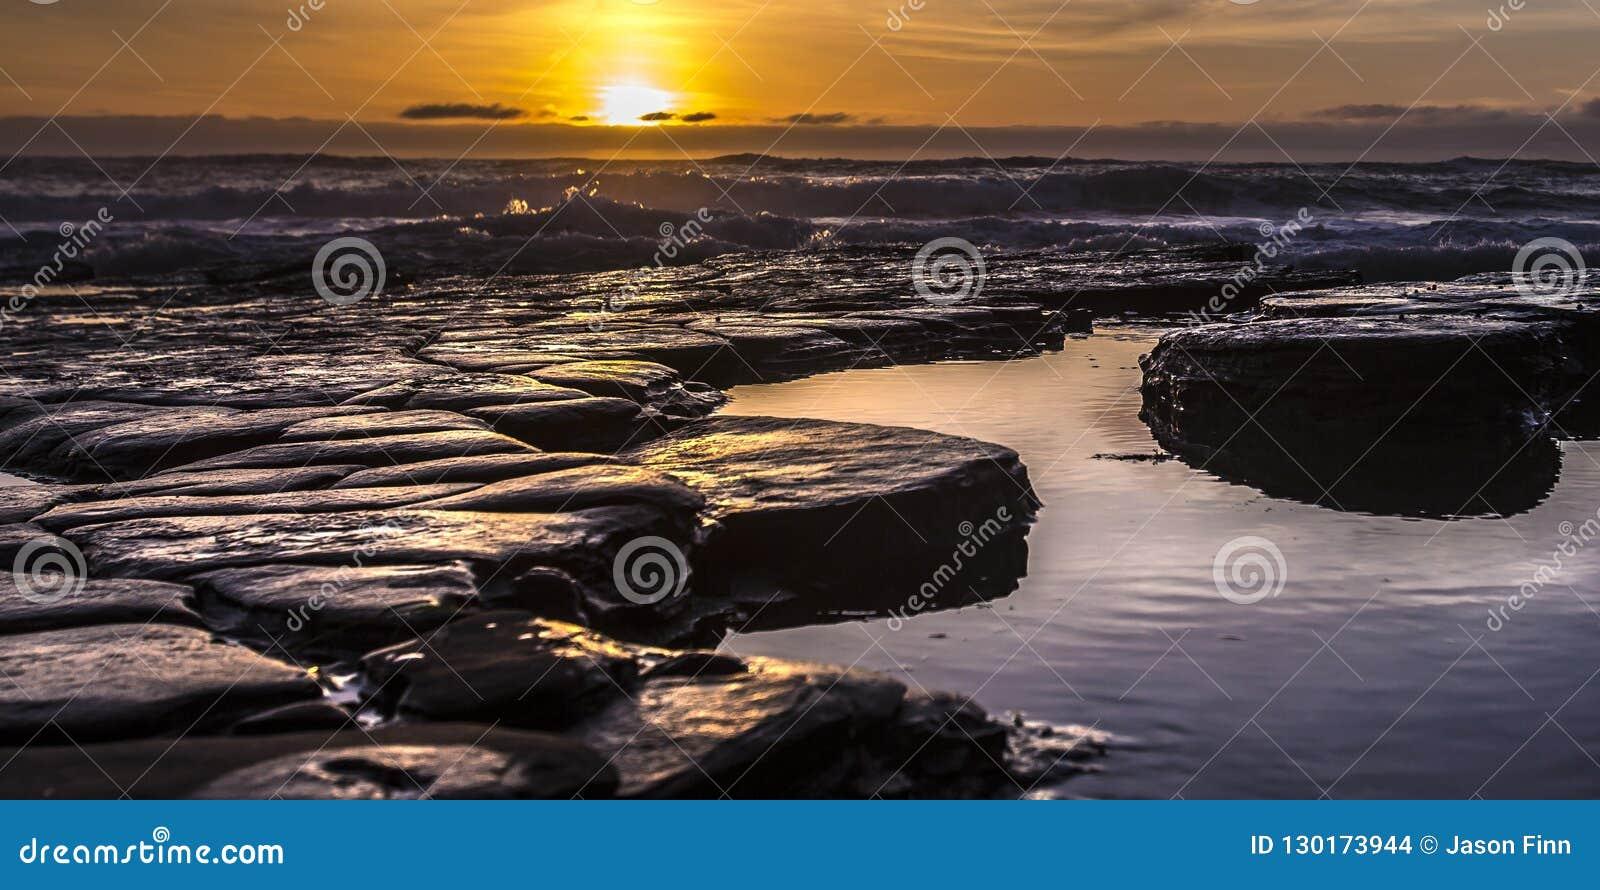 Λίμνες παλίρροιας με τον ήλιο που θέτει στον ορίζοντα